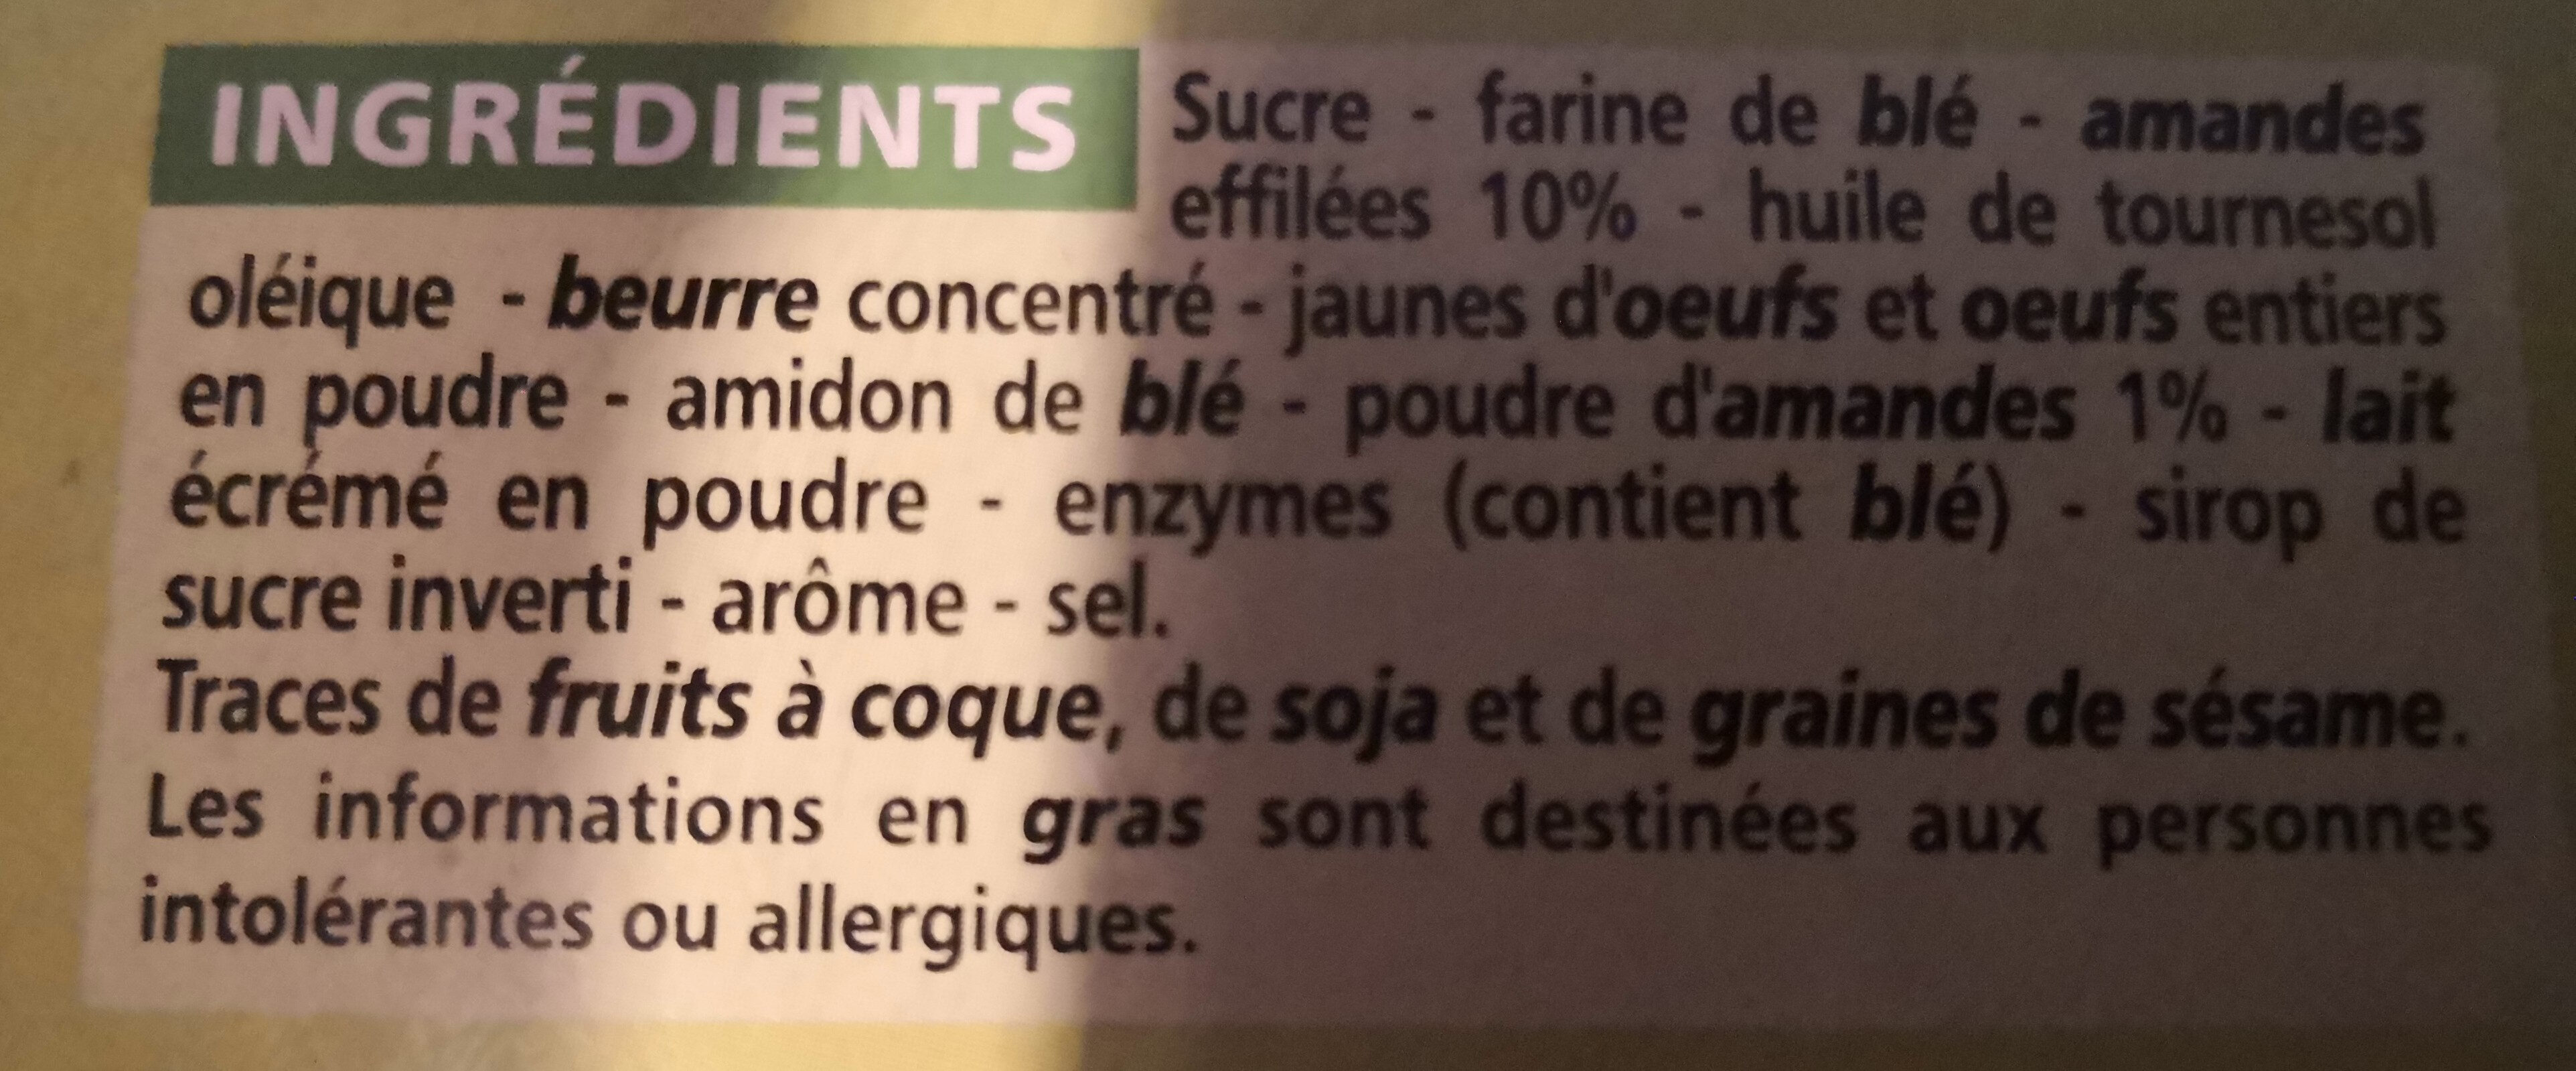 Tuiles aux amandes - Ingrediënten - fr